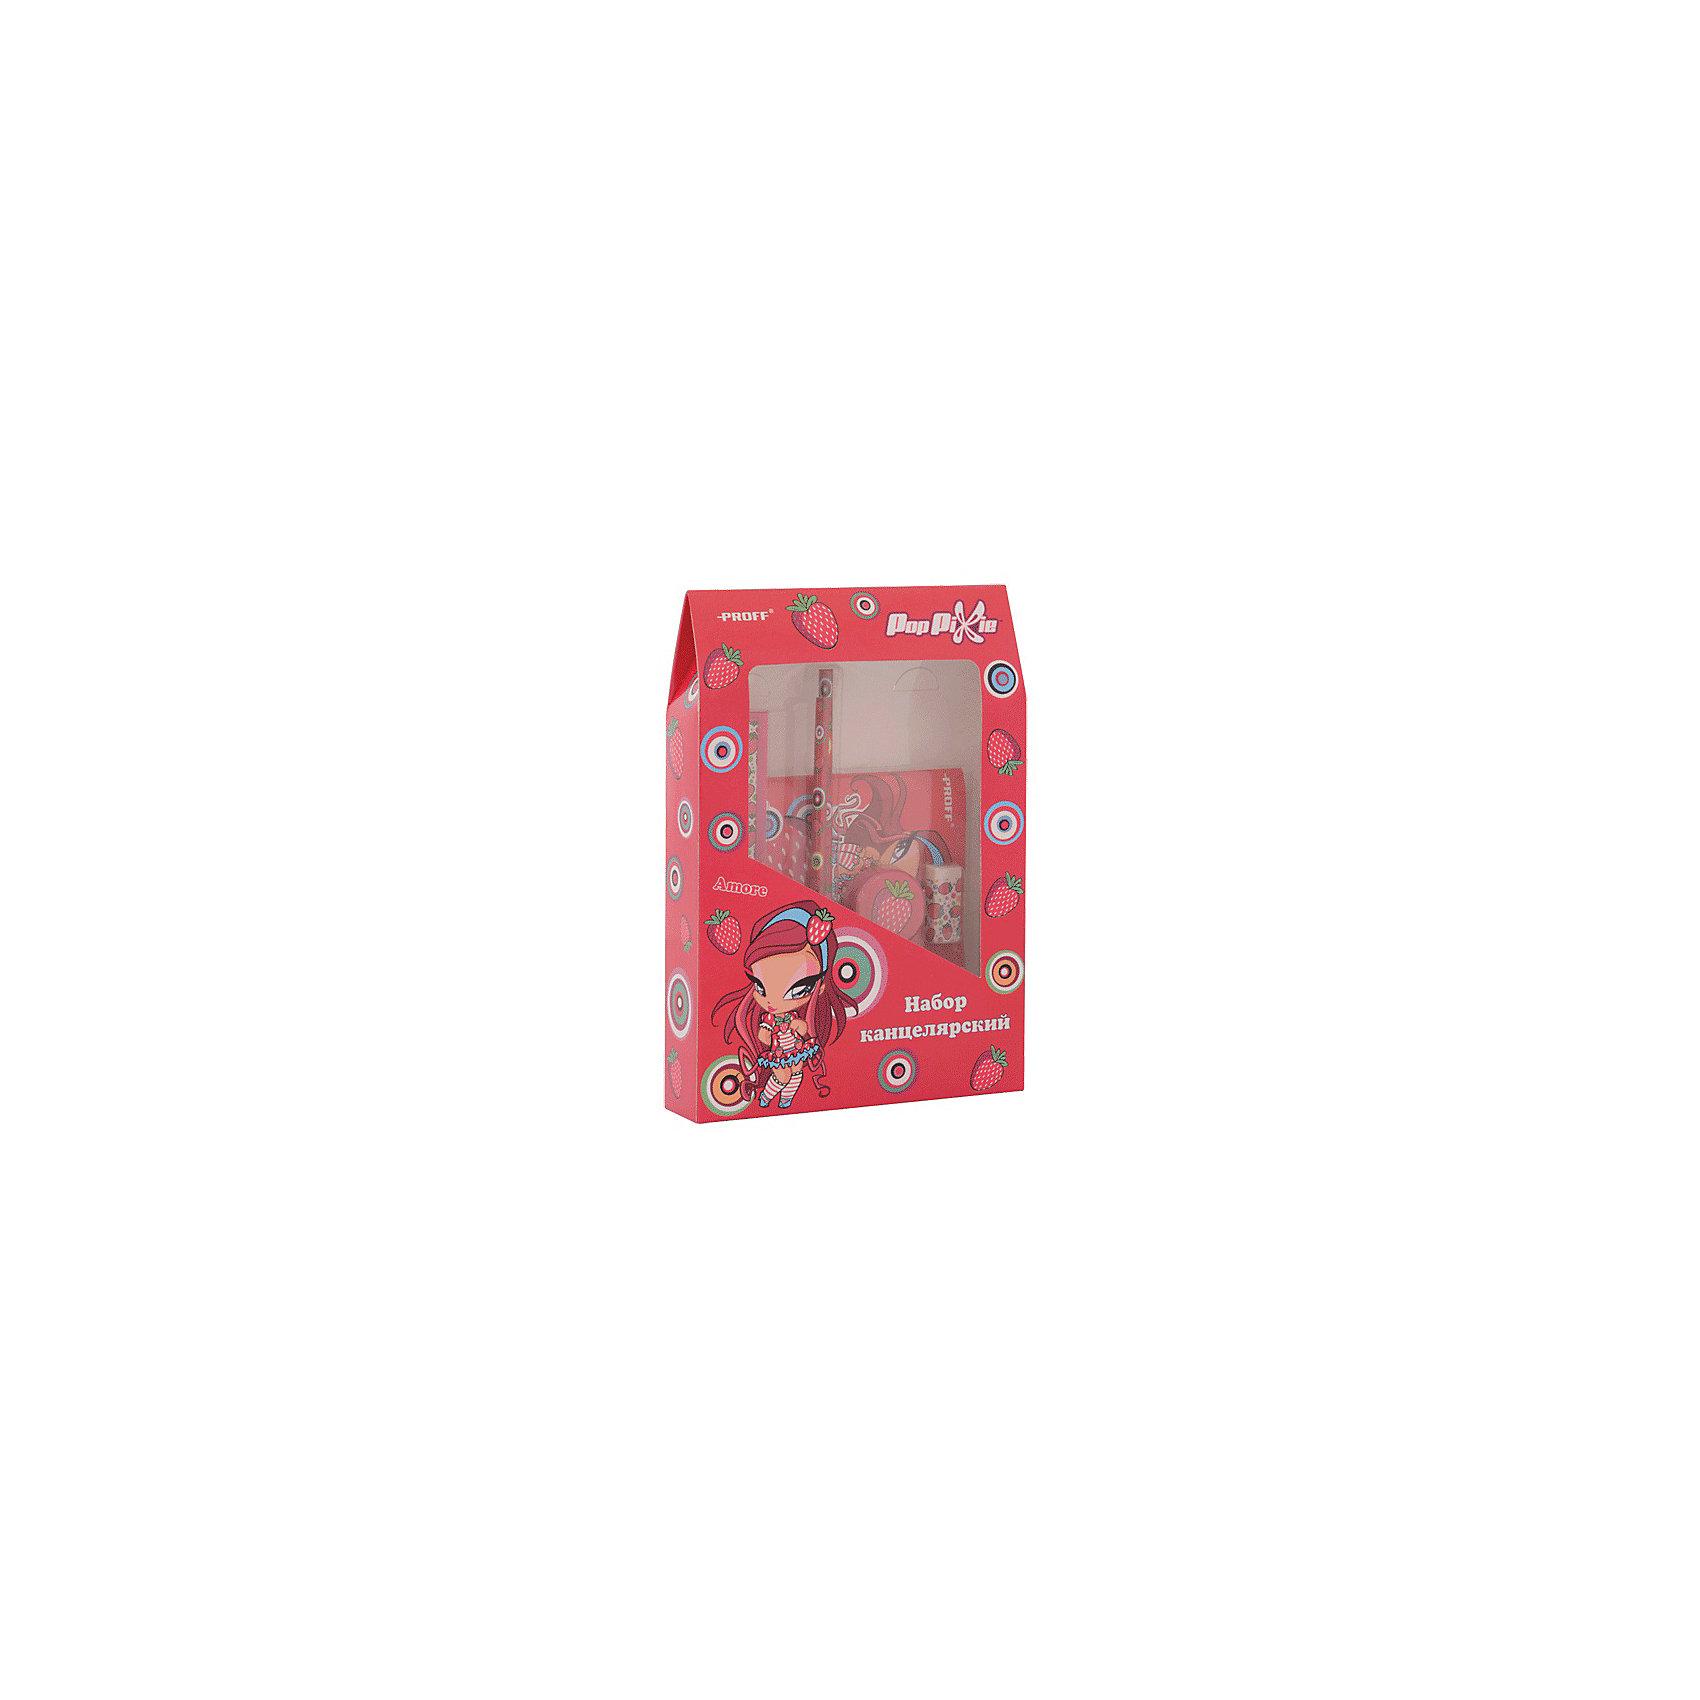 Proff Набор канцелярский PopPixie (2 карандаша HB, ластик, точилка, линейка 15 см, блокнот) академия групп канцелярский набор точилка ластик barbie